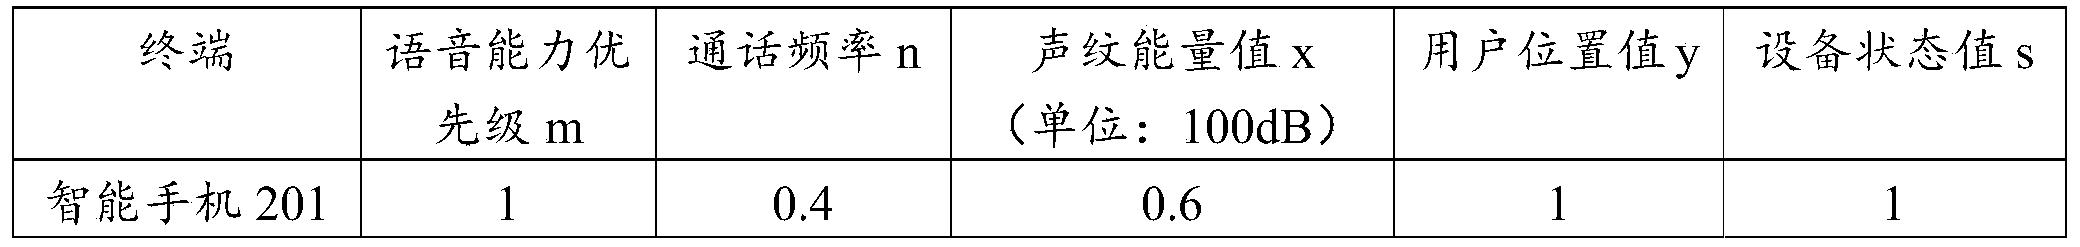 Figure PCTCN2020095751-appb-000003